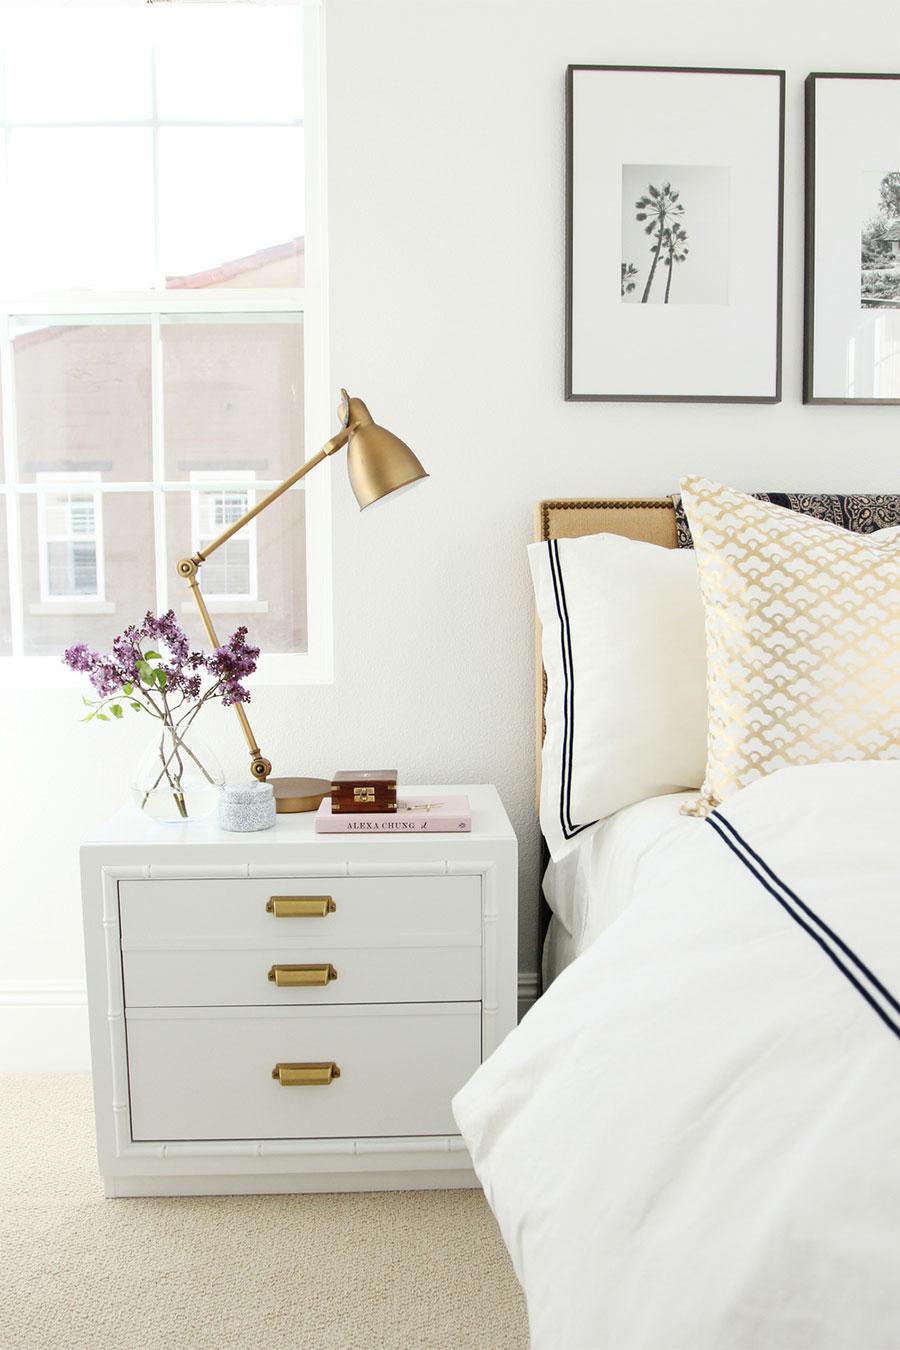 Blog De Moda Y Lifestyle Deco Dormitorios En Blanco Y Dorado